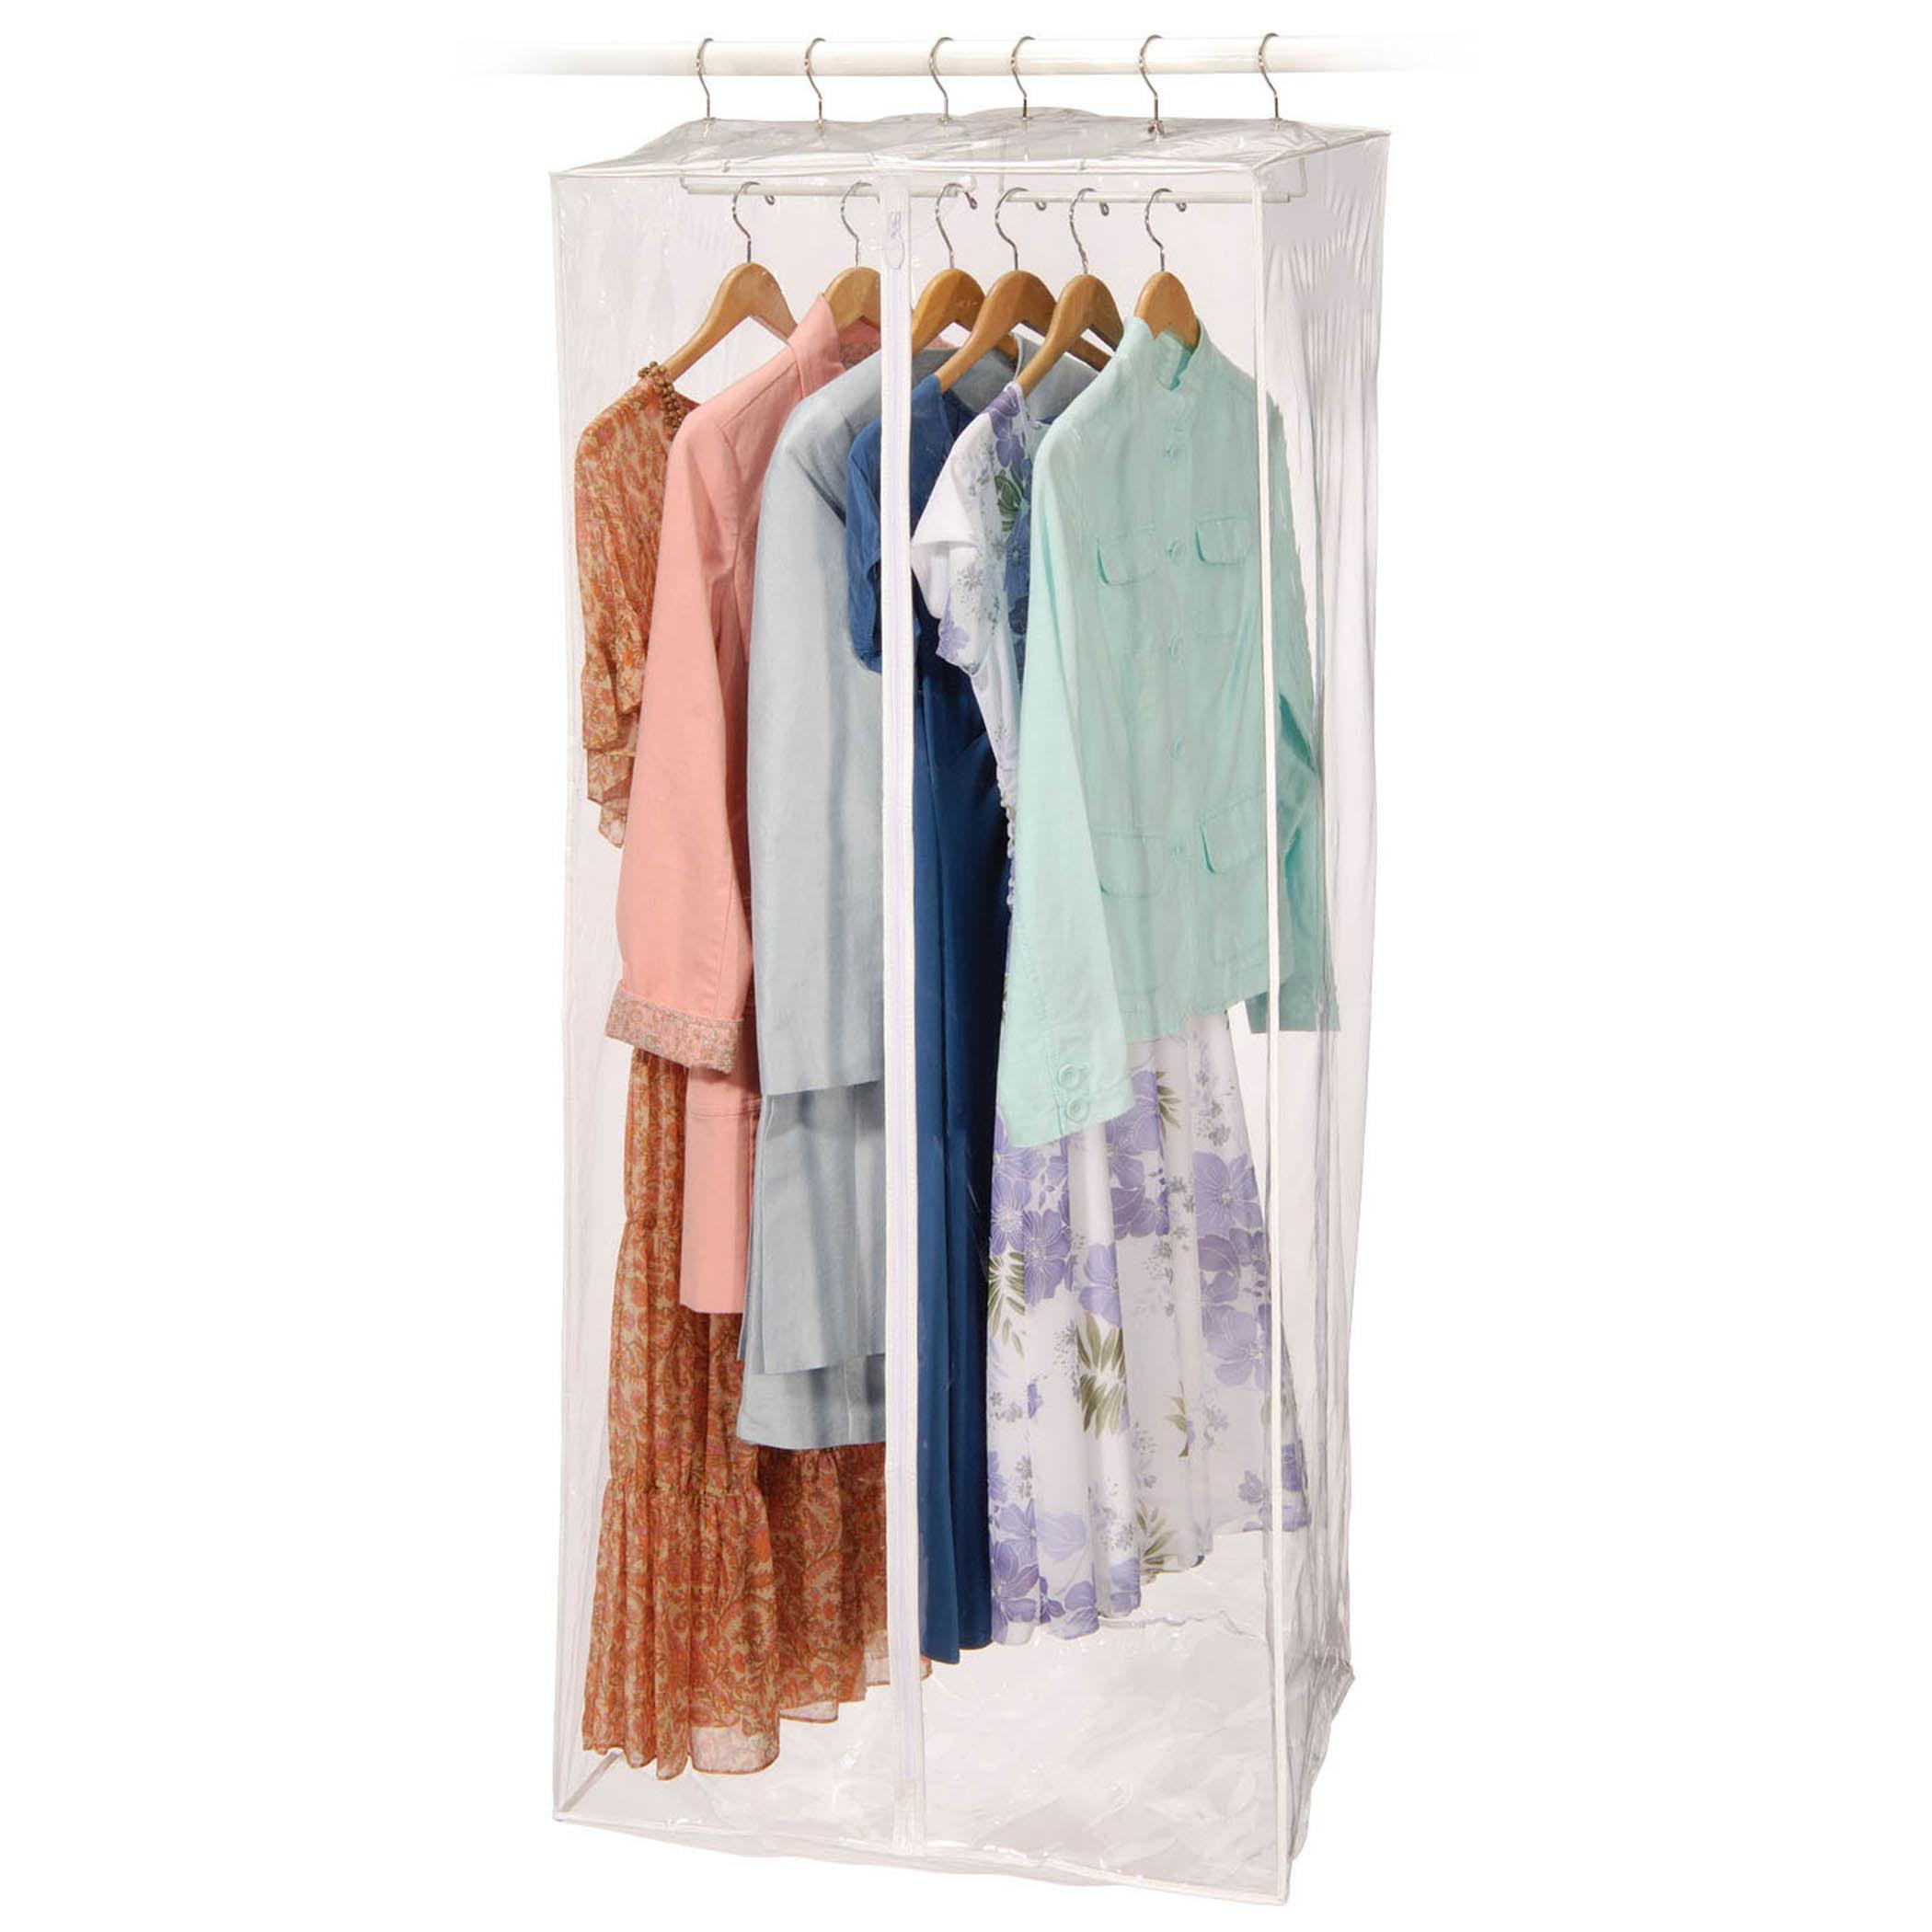 Richards Homewares Clear Vinyl Storage Frameless Jumbo Dress Garment Cover